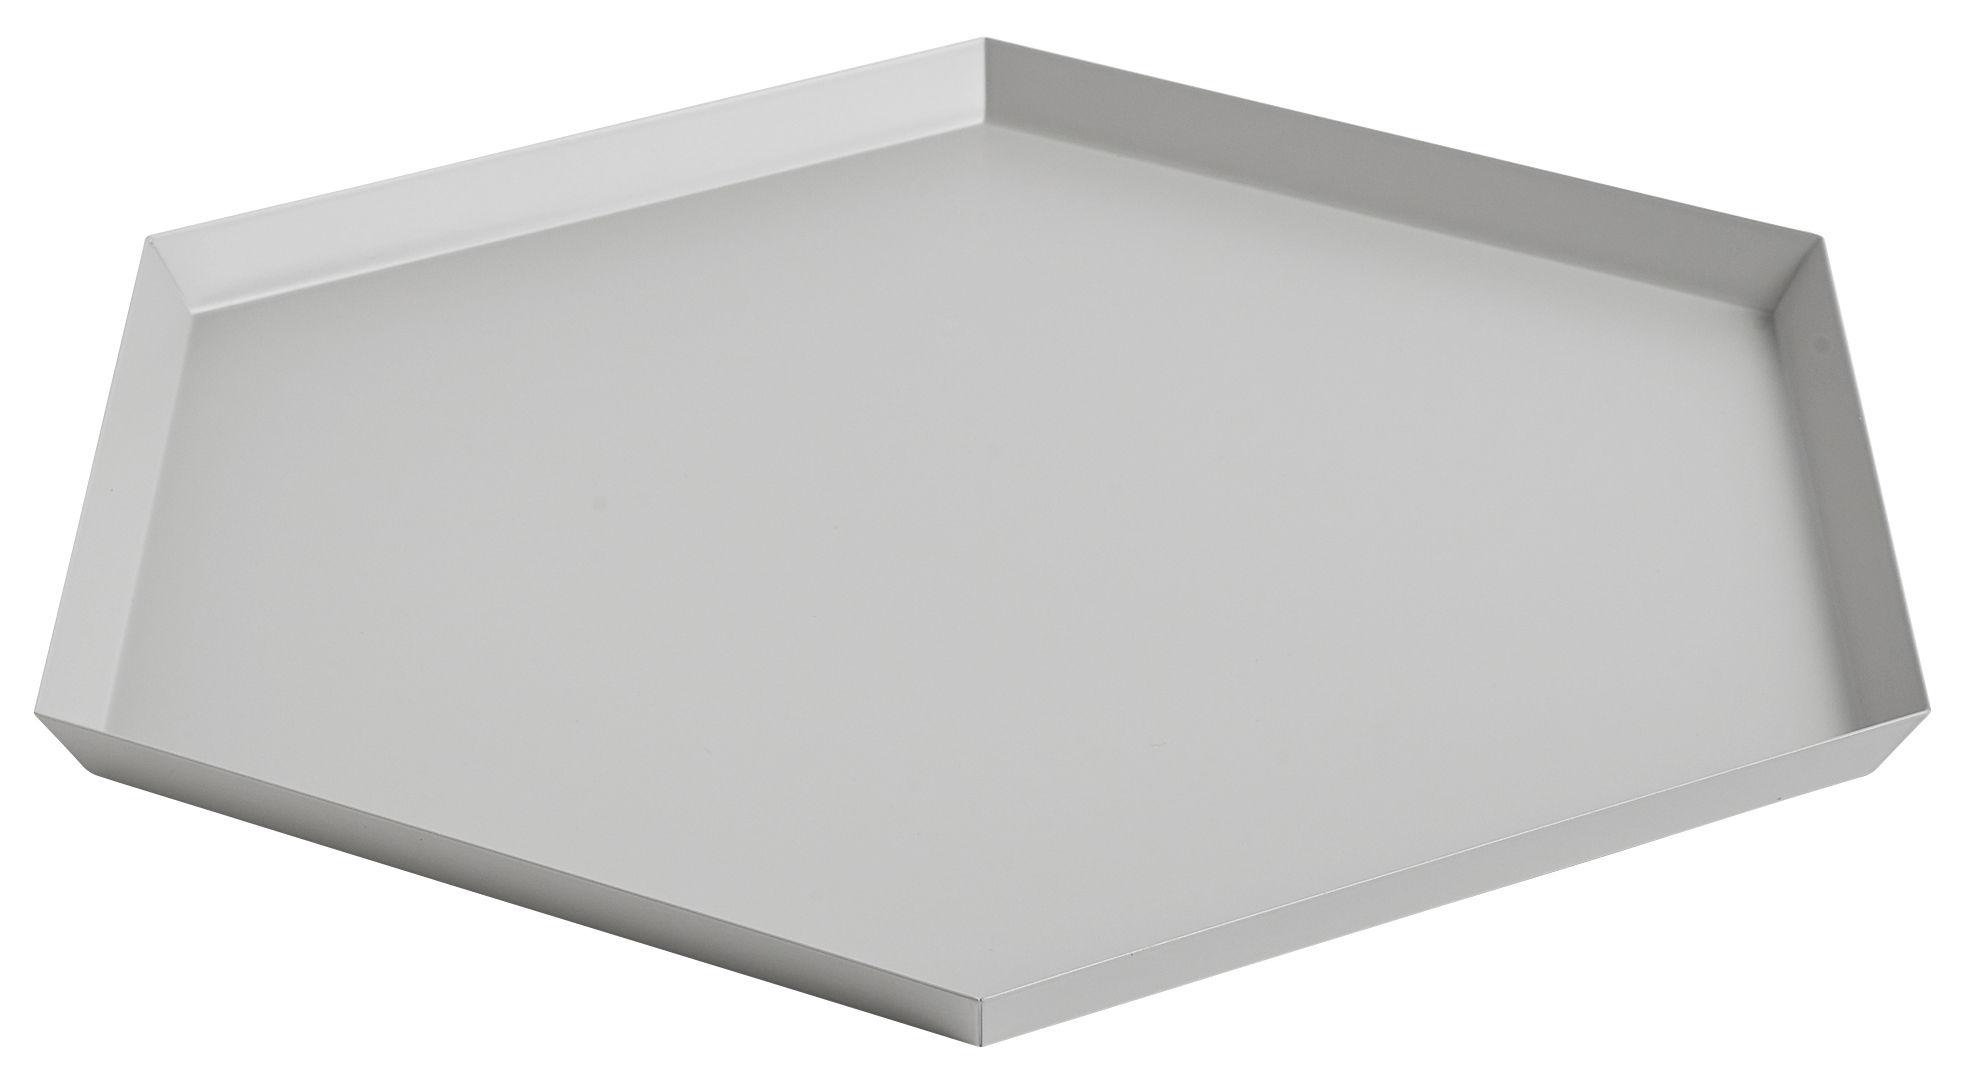 Tischkultur - Tabletts - Kaleido XL Tablett / 45 x 39 cm - Hay - Grau - bemalter Stahl